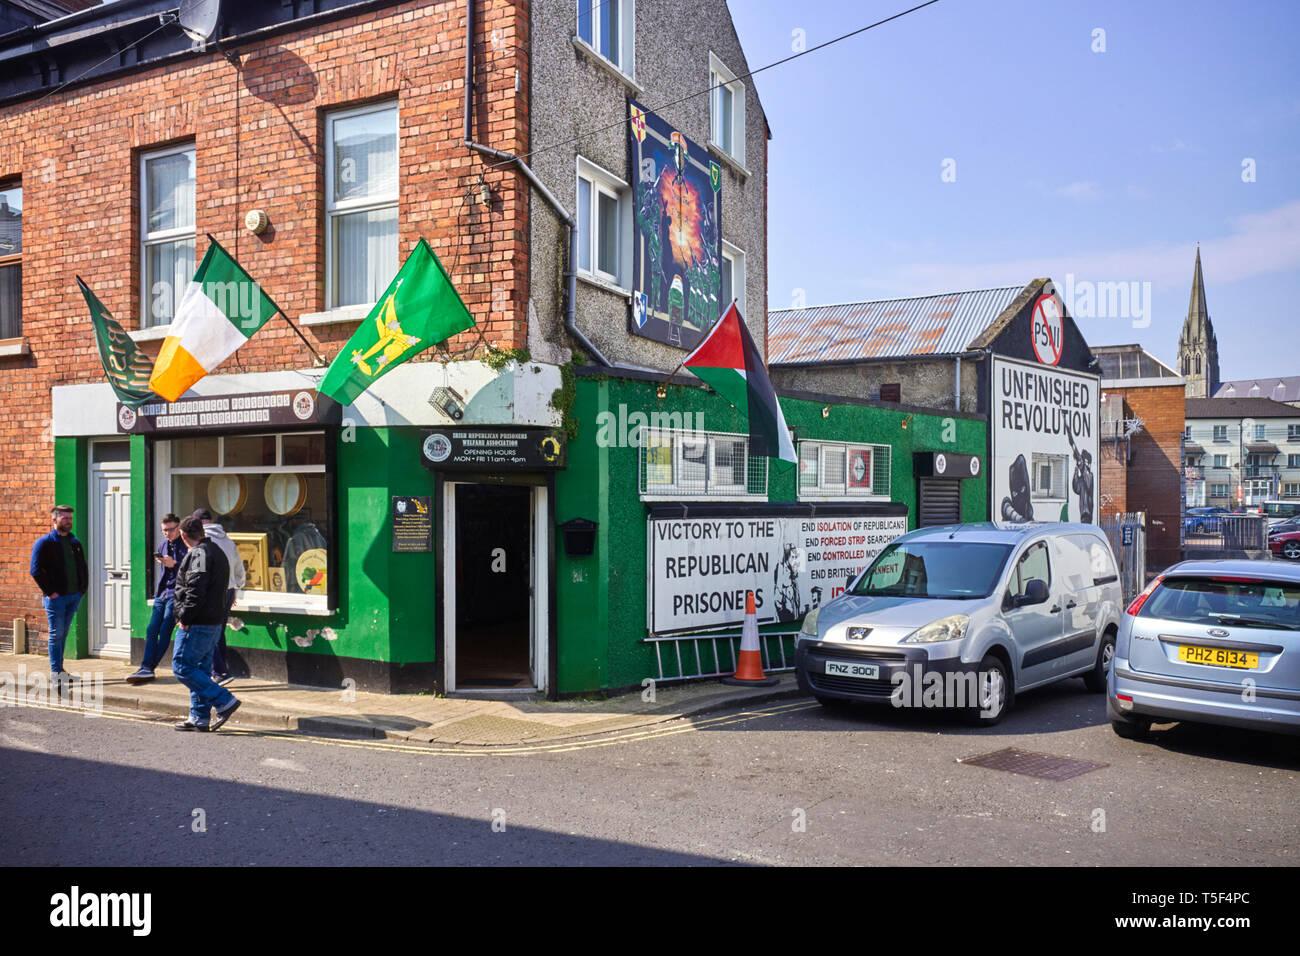 Il repubblicano irlandese prigionieri welfare association shop e centro informazioni su Chamberlain Street a Derry / Londonderry Immagini Stock